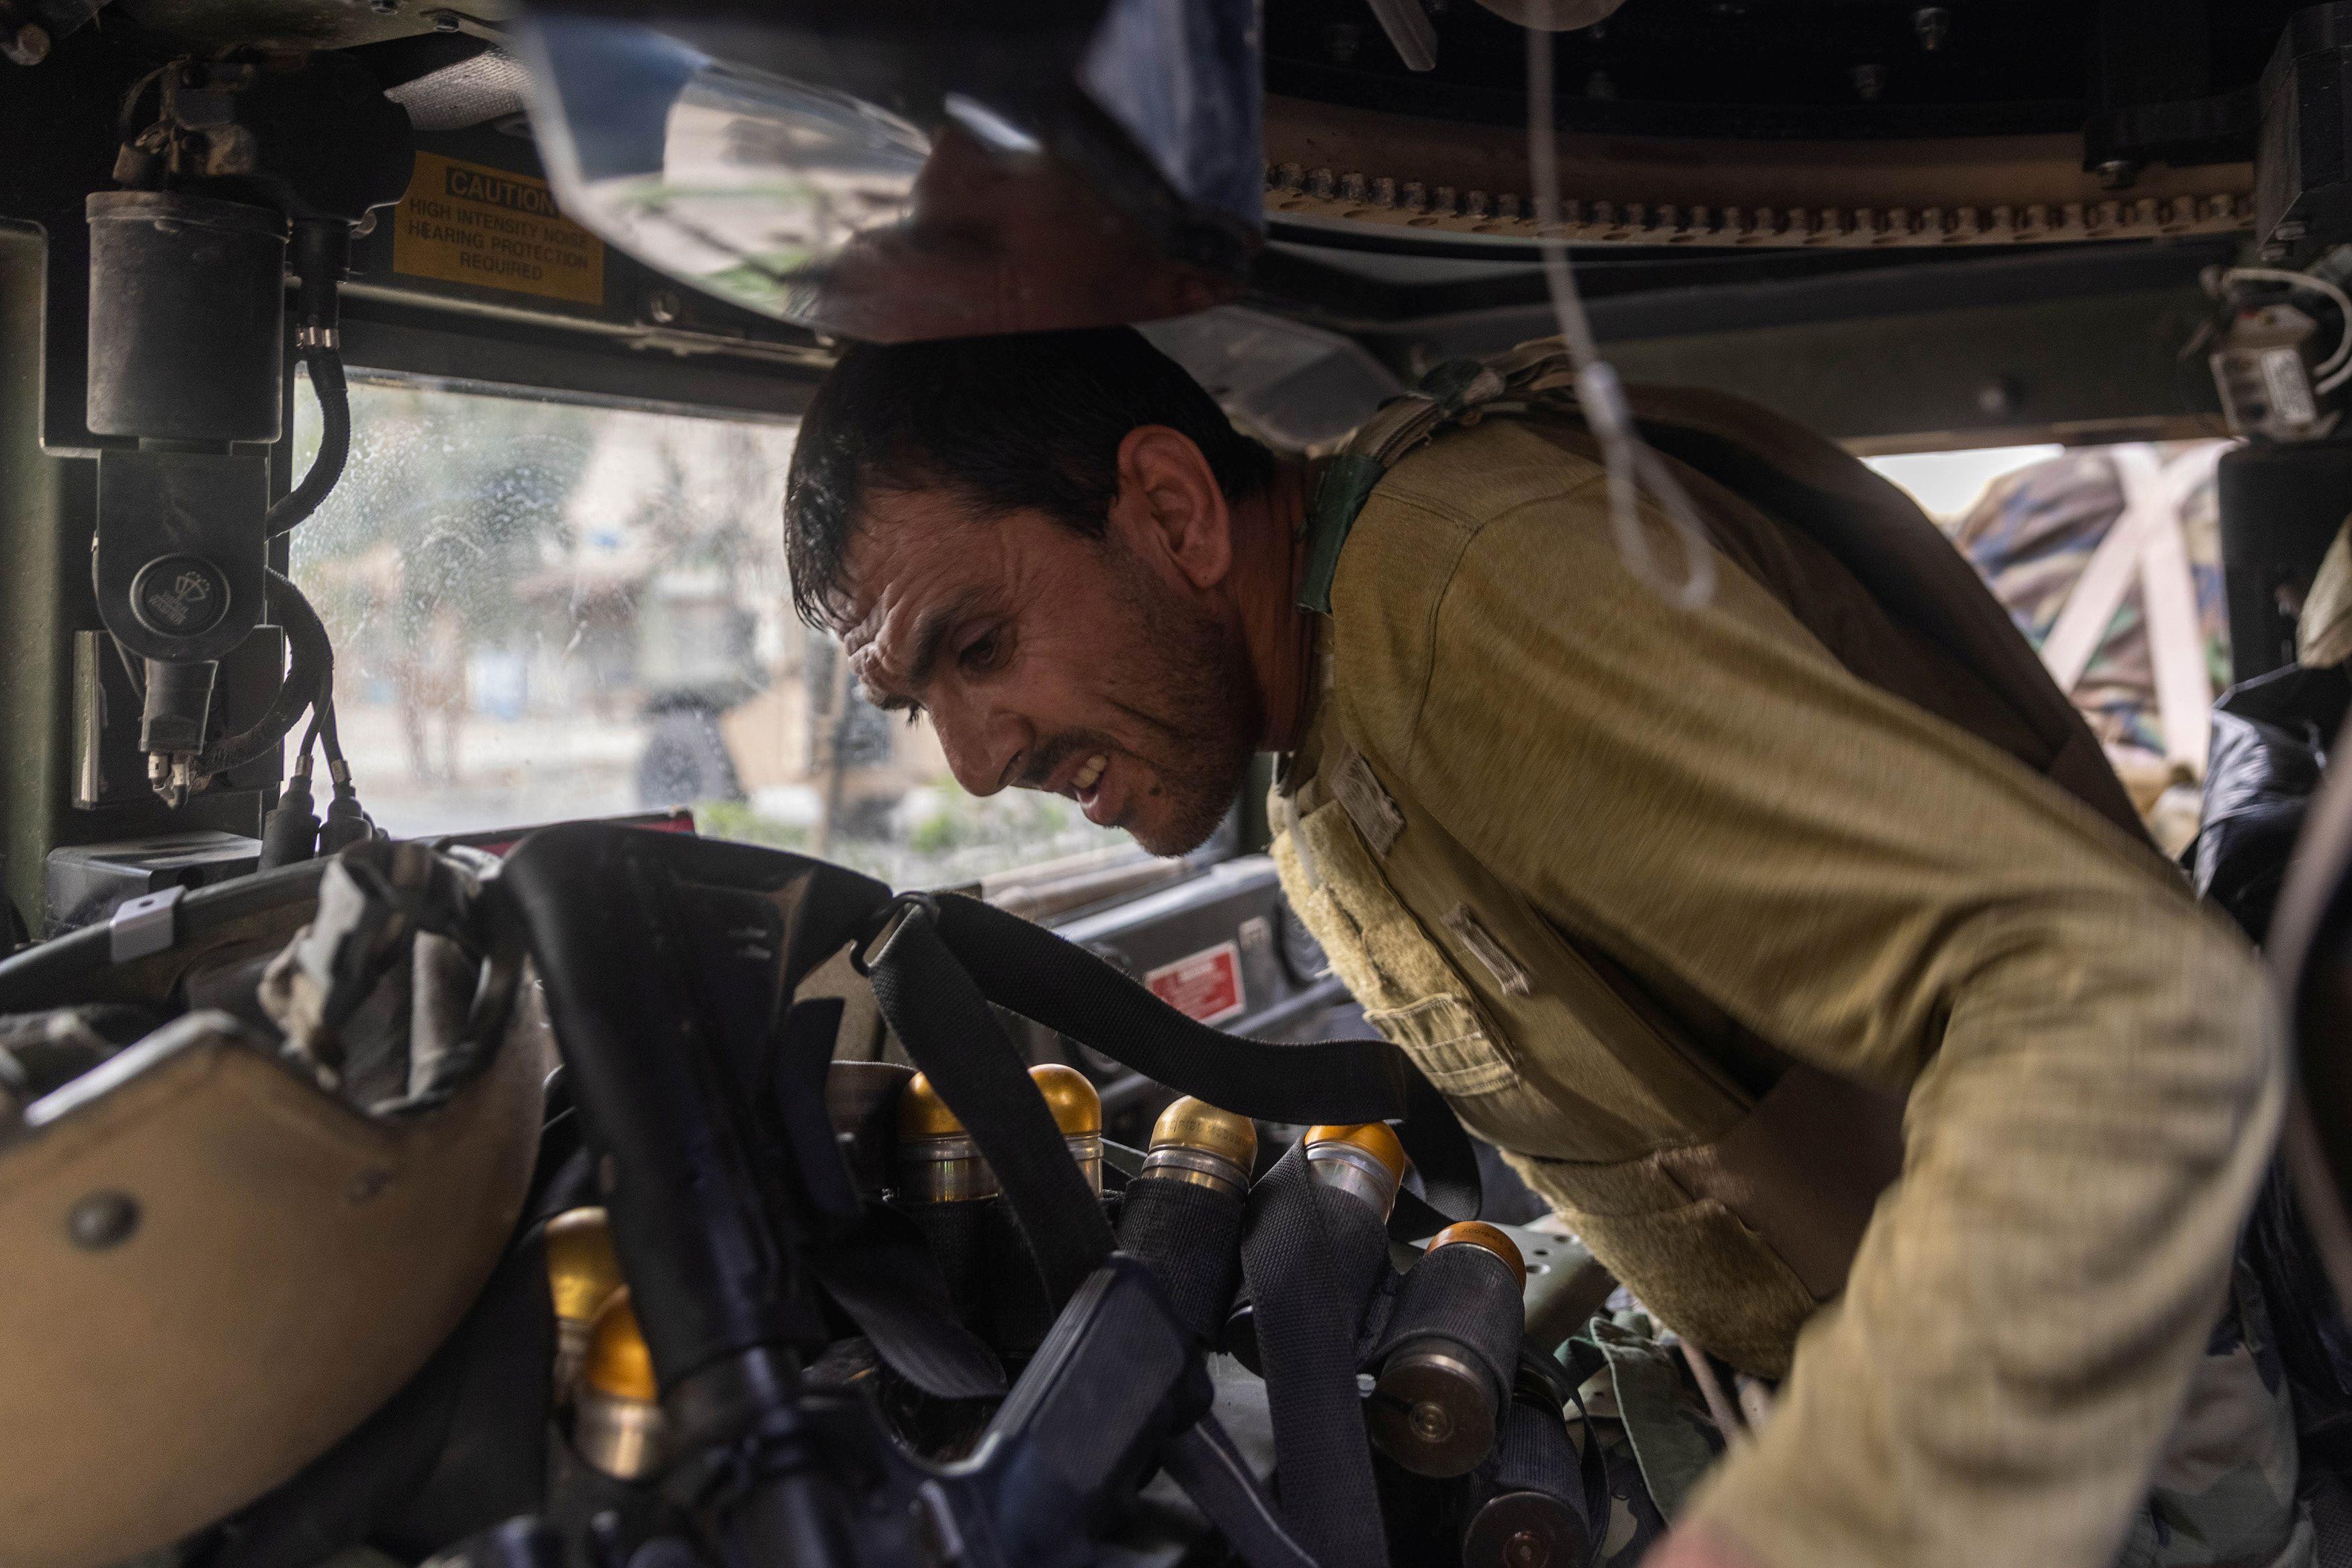 Miembros de las fuerzas especiales afganas que viajan en un humvee destruido durante los fuertes enfrentamientos con los talibanes se ponen a cubierto durante la misión de rescate de un policía asediado en un puesto de control, en la provincia de Kandahar, Afganistán, 13 de julio de 2021.